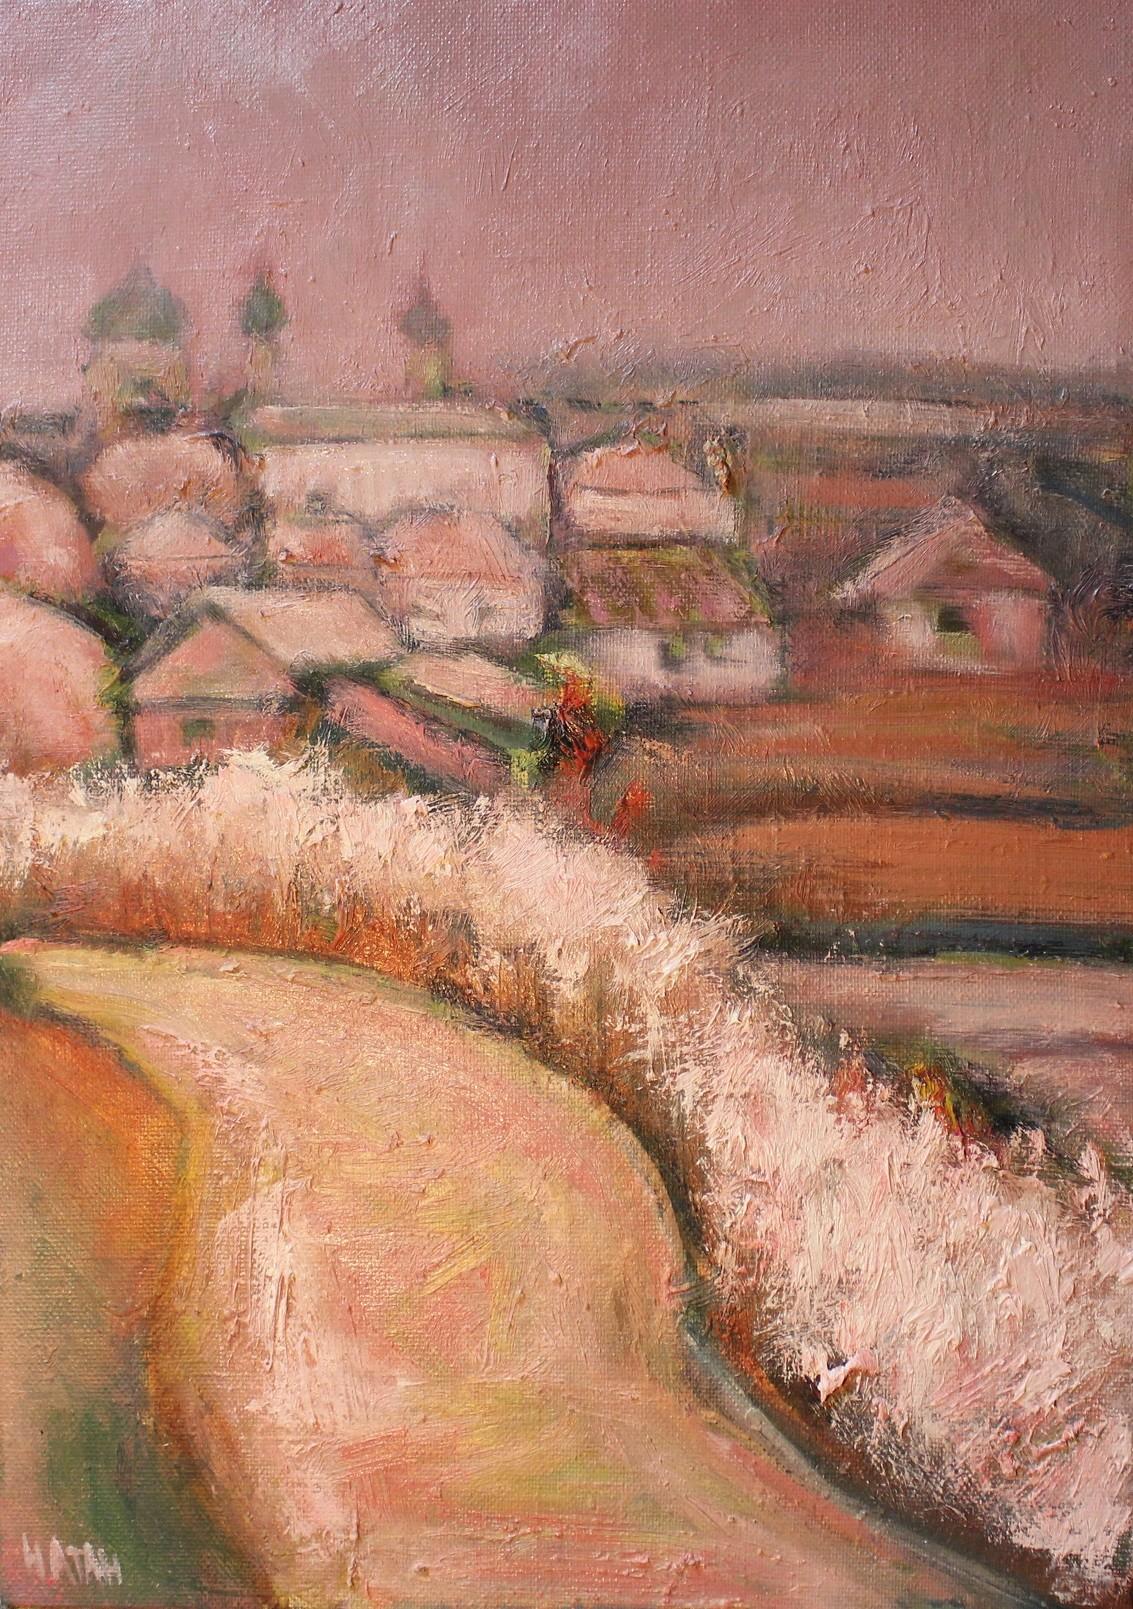 Prière. La toile a été réalisée en plein air dans le domaine familial d'Alexandre Pouchkine, Mikhaïlovski, sous l'influence du livre du même nom d'Ivan Chmelev. Dans ce récit, il y a un passage où la famille quitte l'église et tout semble rose : ciel, air, champs, forêts, vêtements.